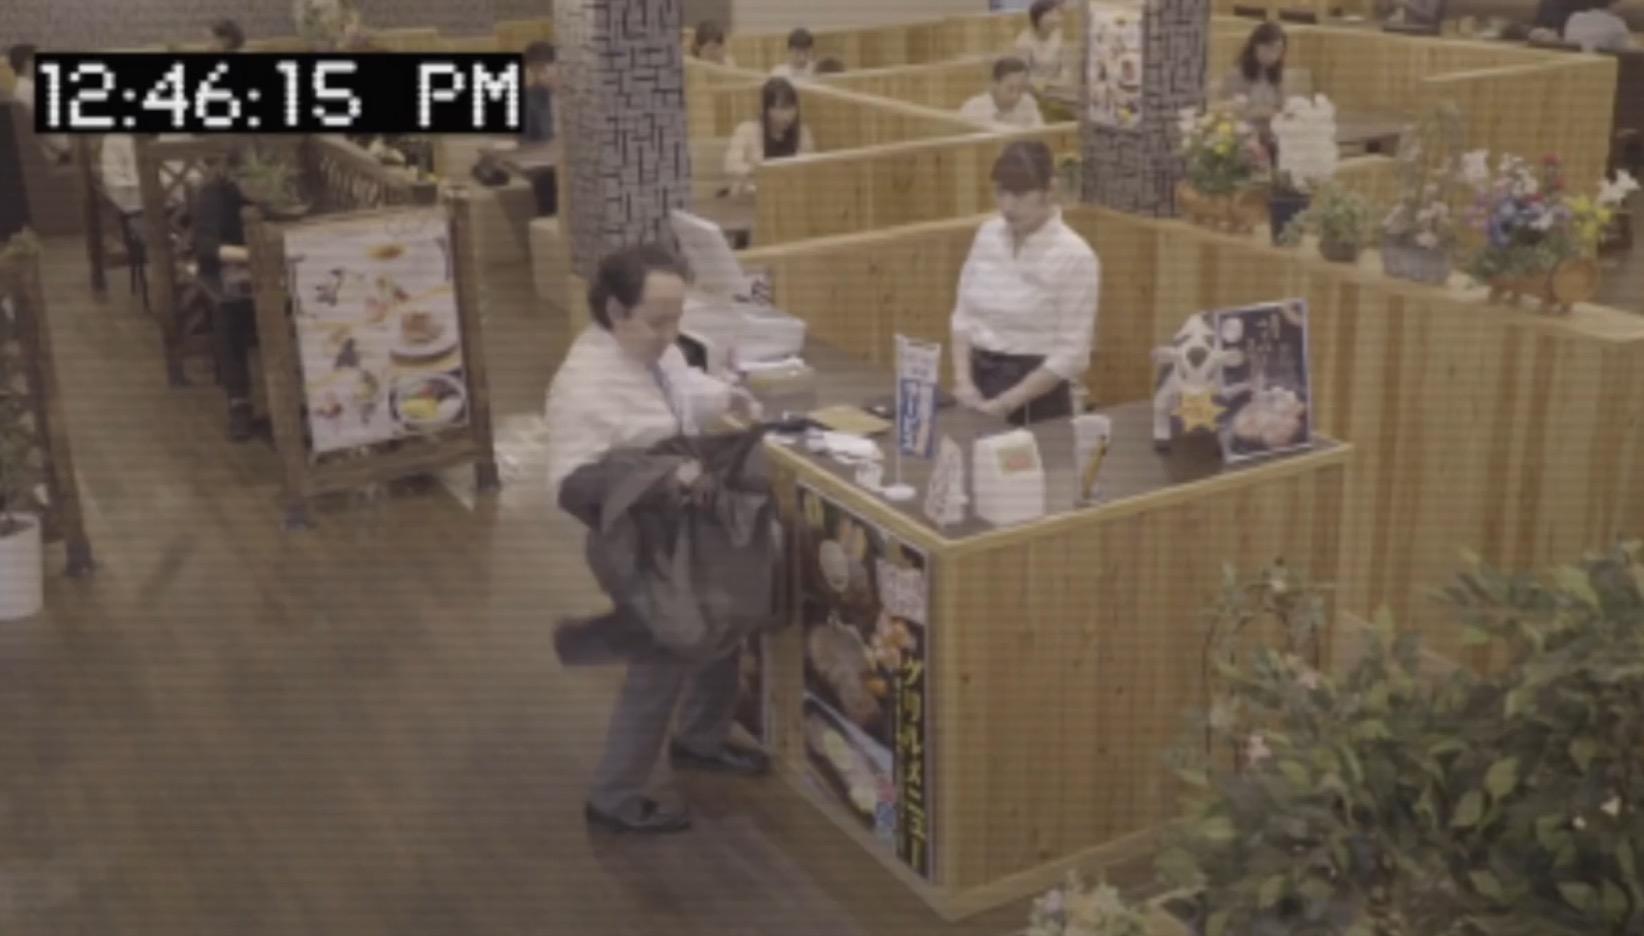 「レジでカードが出てこない客」と「イライラする店員」の気持ちをラップでアフレコした動画がヤバいwwwwwwwww